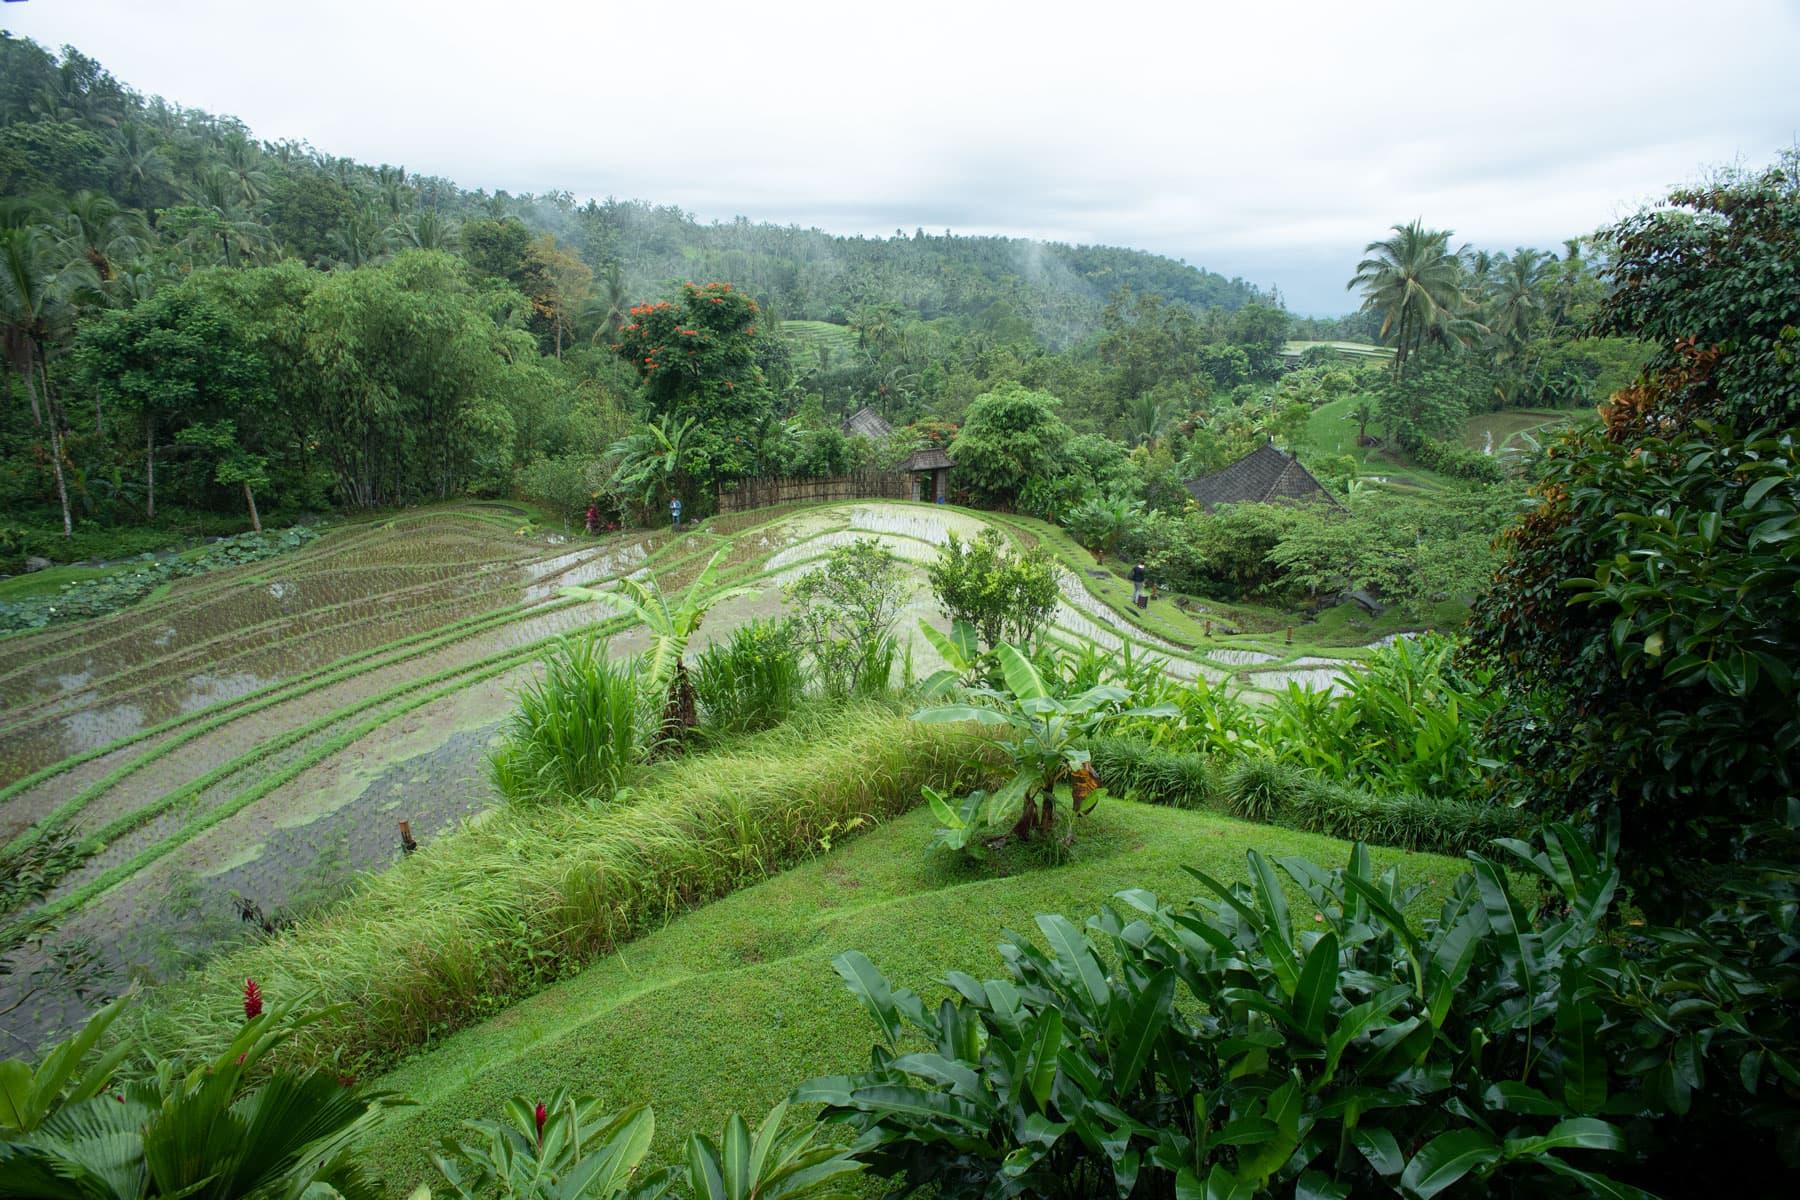 Das Bild zeigt Reisfelder von oben in typischer asiatischer Landschaft